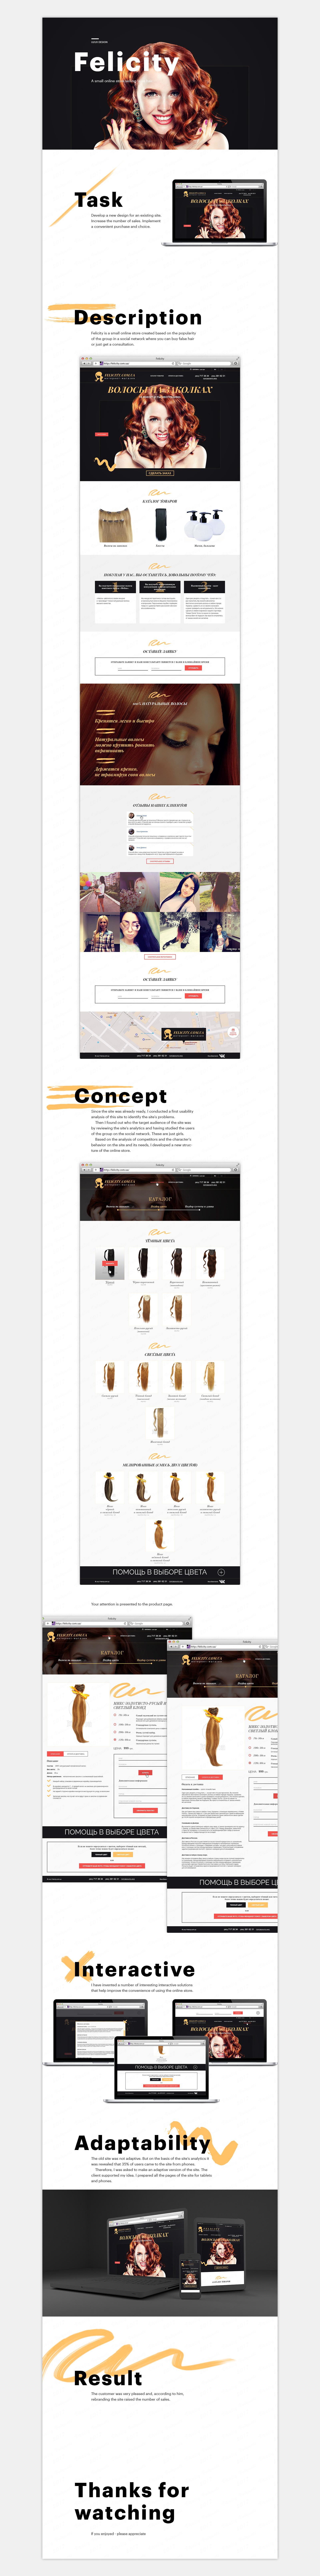 Адаптивный дизайн интернет-магазина / вёрстка